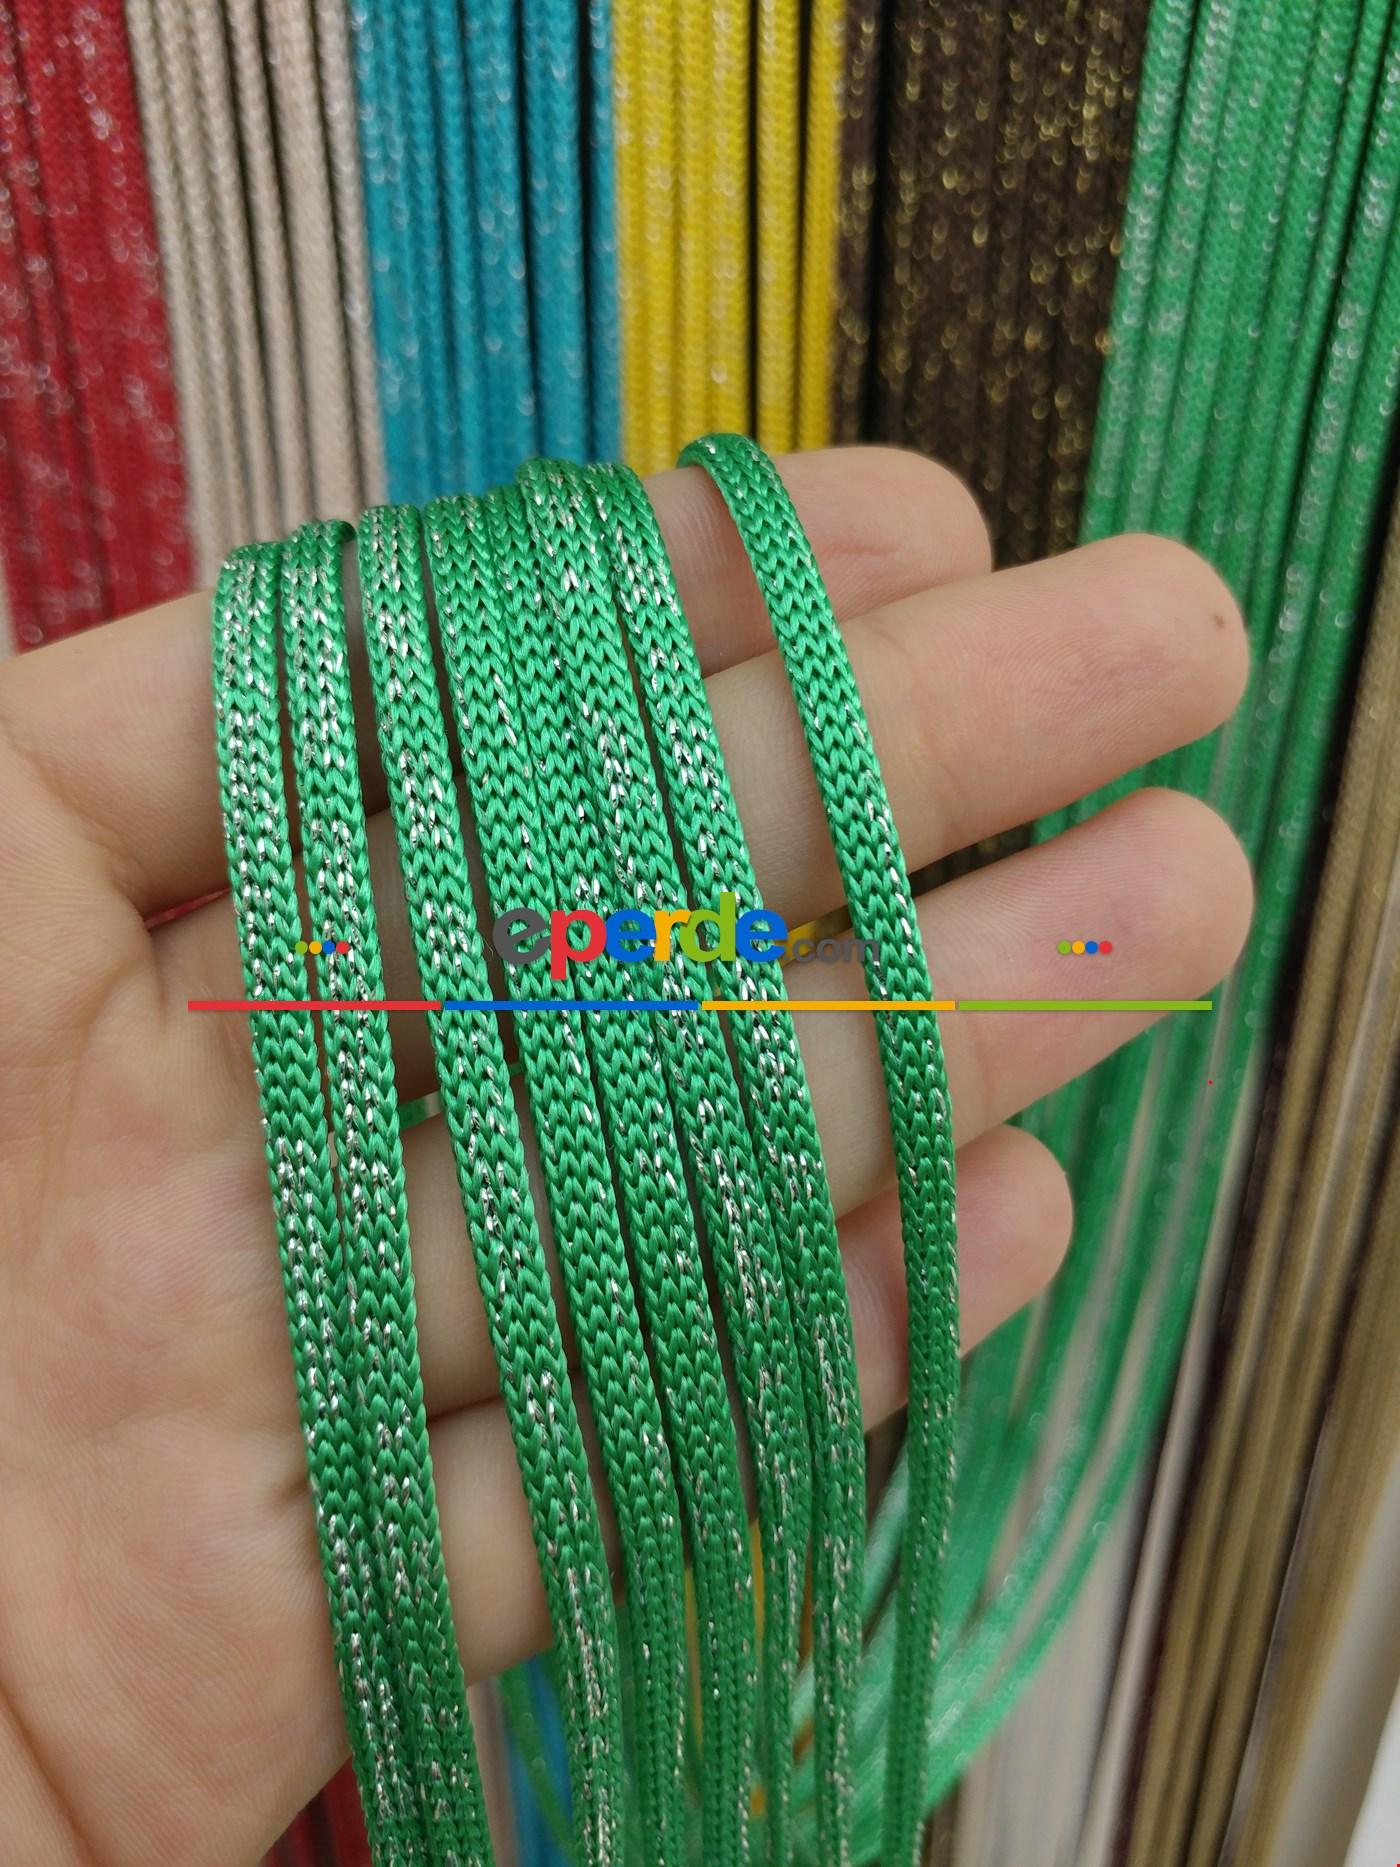 Gri Rengi Simli İp Perde Jumbo Zincir Serisi Yeşil - Gümüş